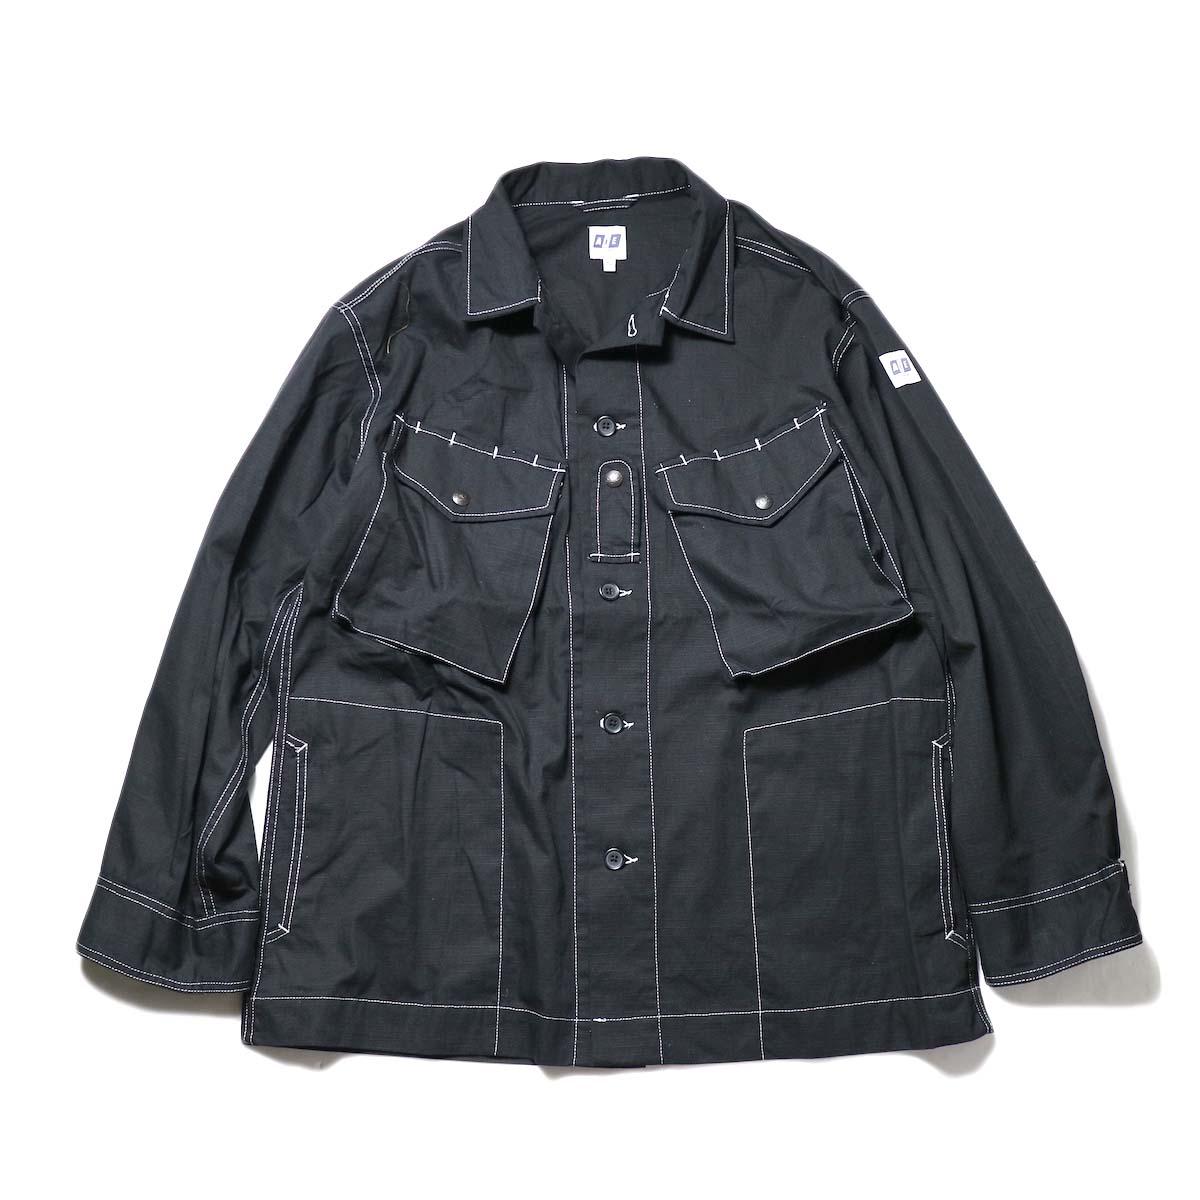 AiE / Prs Shirt -Cotton Ripstop (Black)